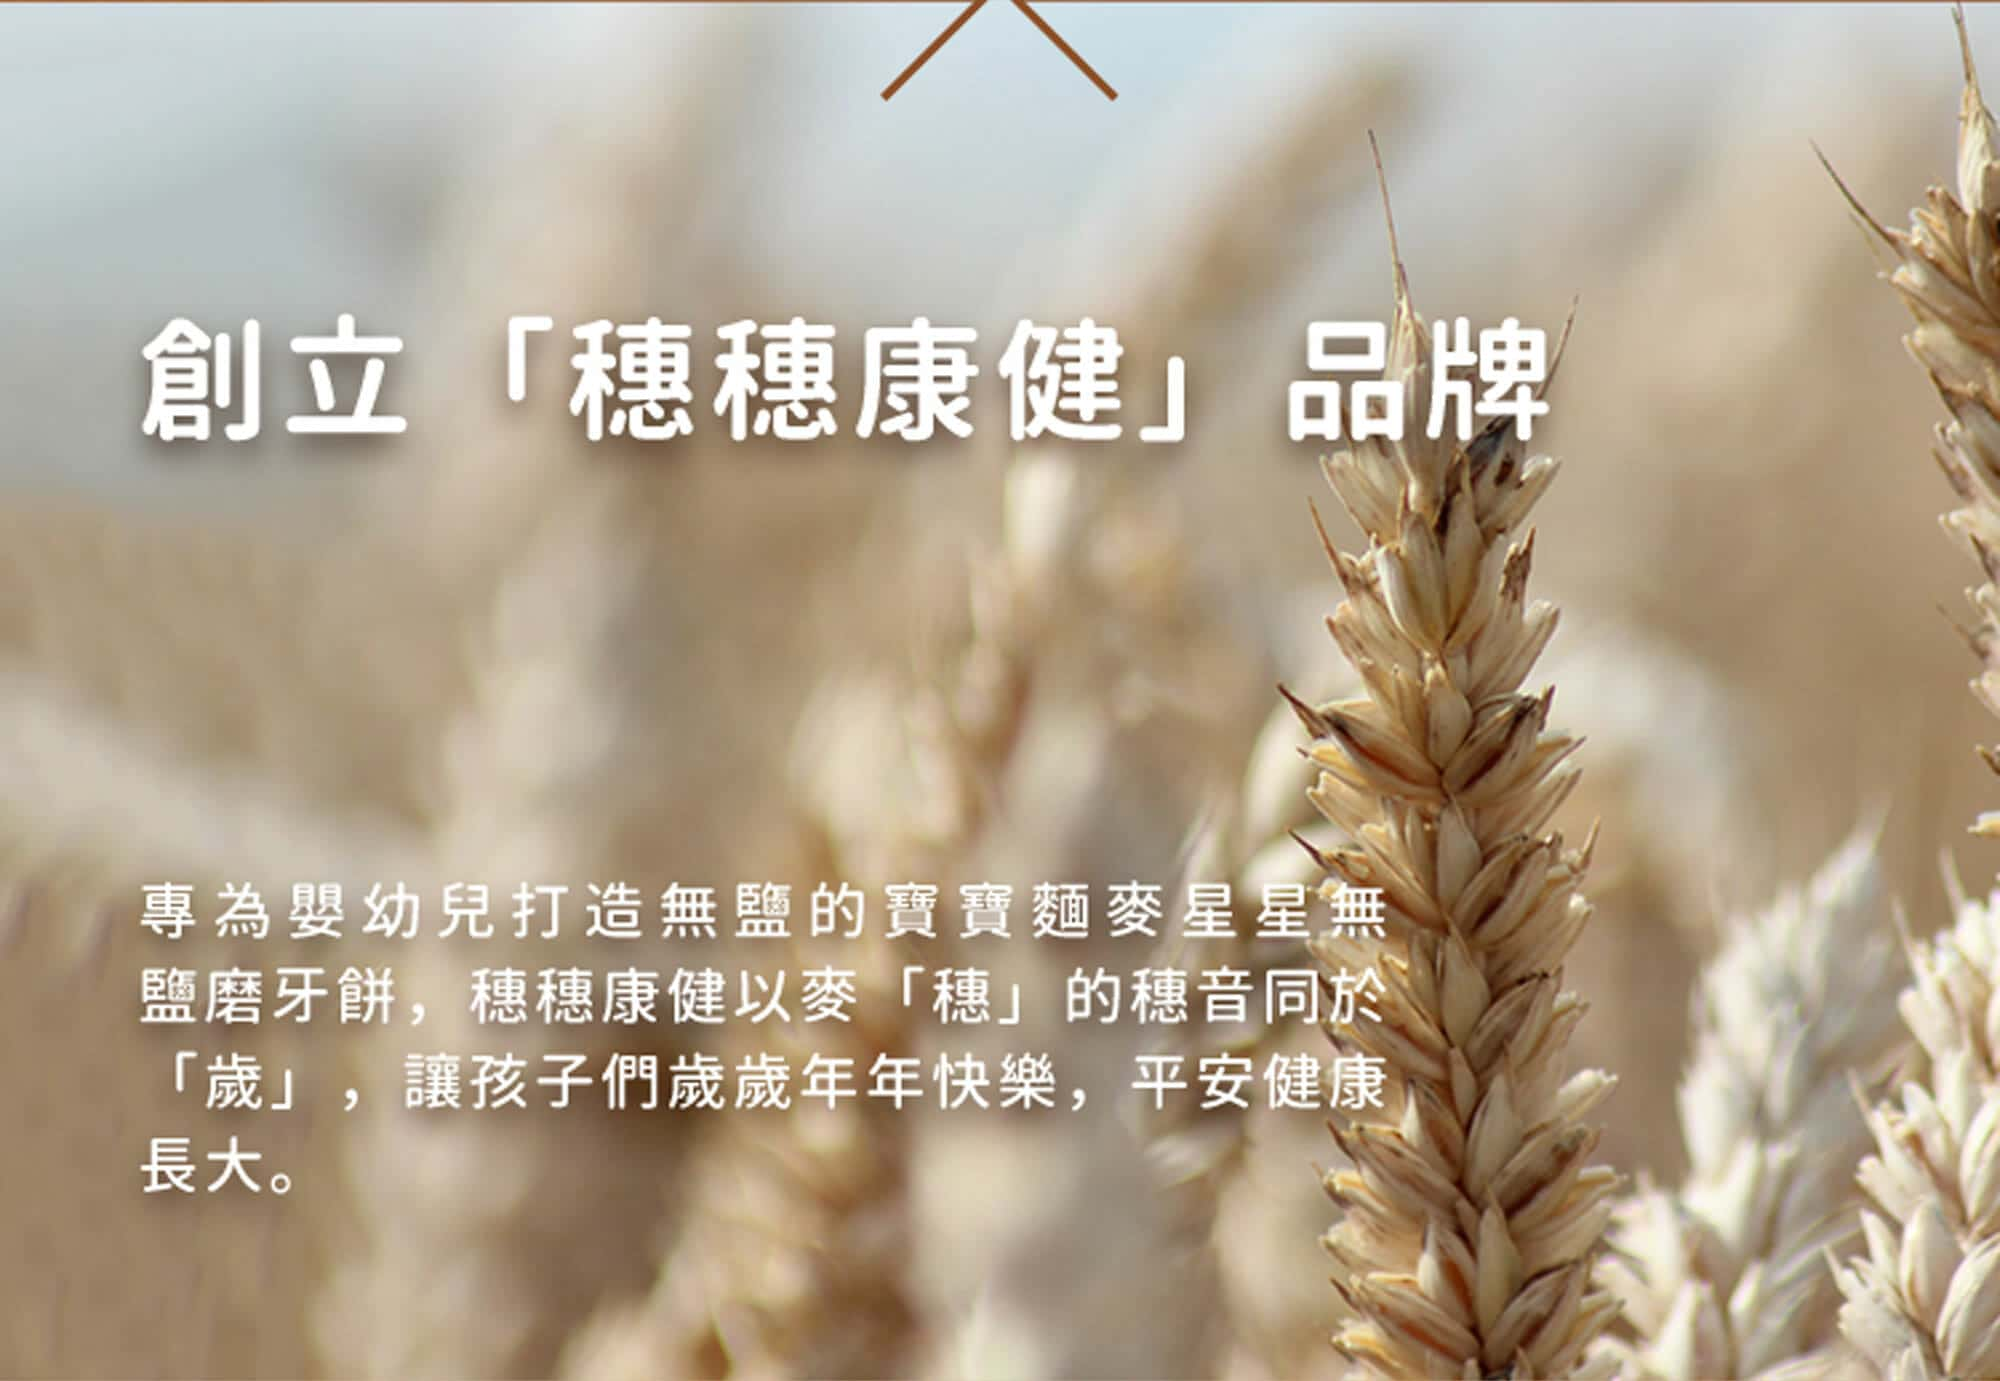 創立穗穗康健,為了打造無鹽的嬰幼兒副食品,以麥「穗」的發音同於「歲」,期望孩子們可以年年快樂,平安健康長大。